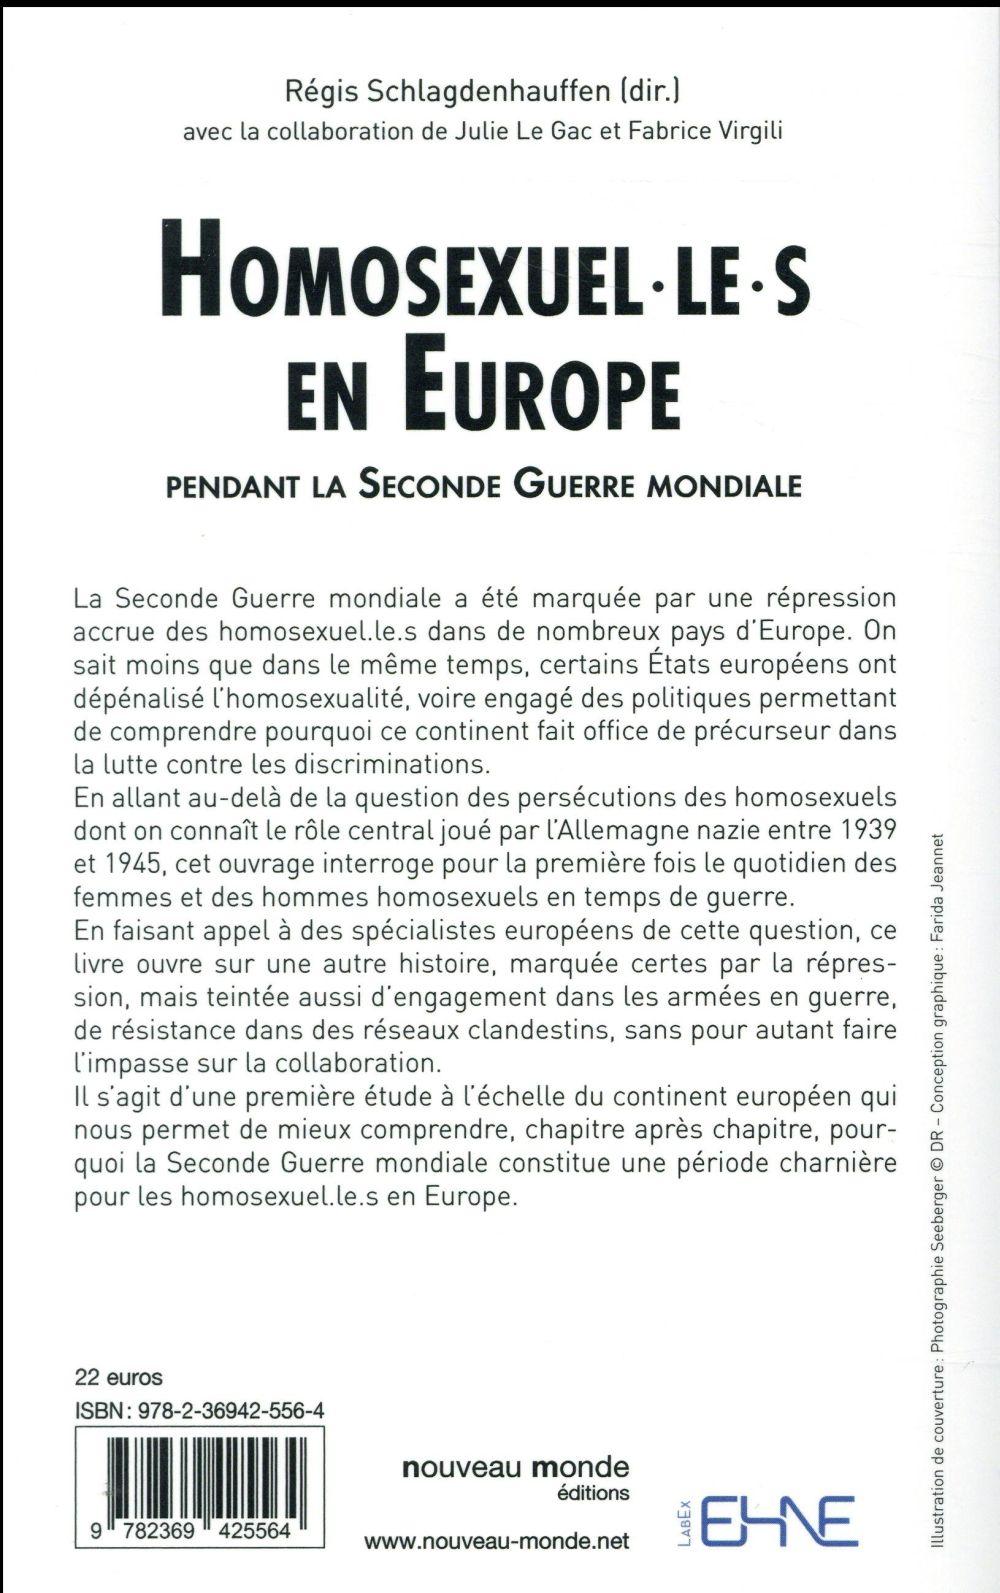 homosexuel(les) en Europe ; pendant la seconde guerre mondiale